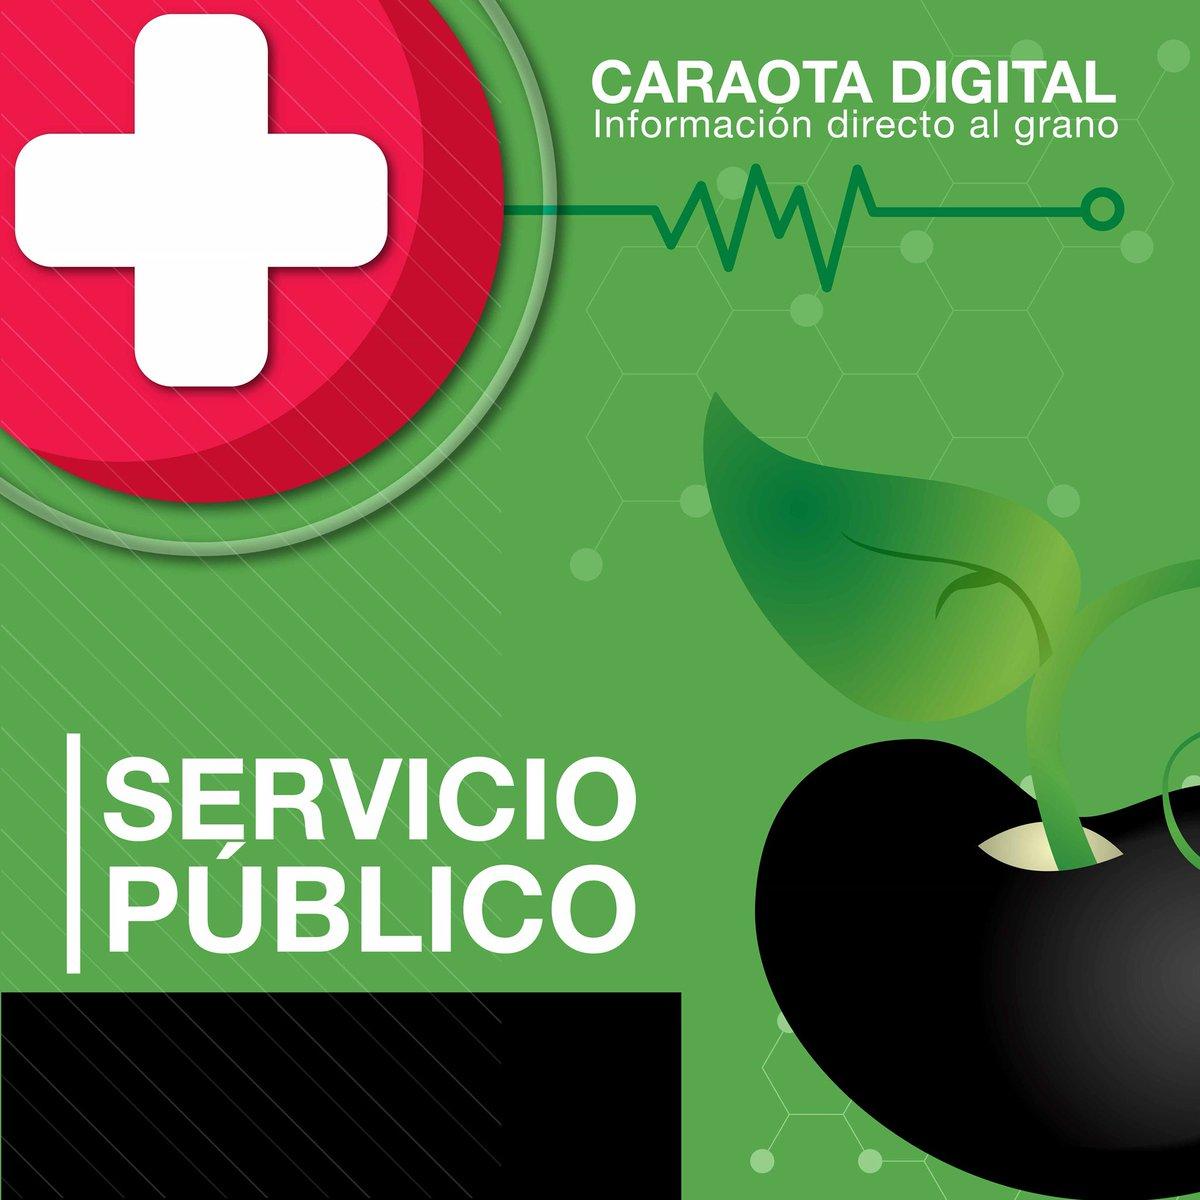 #ServicioPúblico | Se solicita con carácter de urgencia Tramadol, Traumel o Fentanilo. Contactar al 0414-2853010